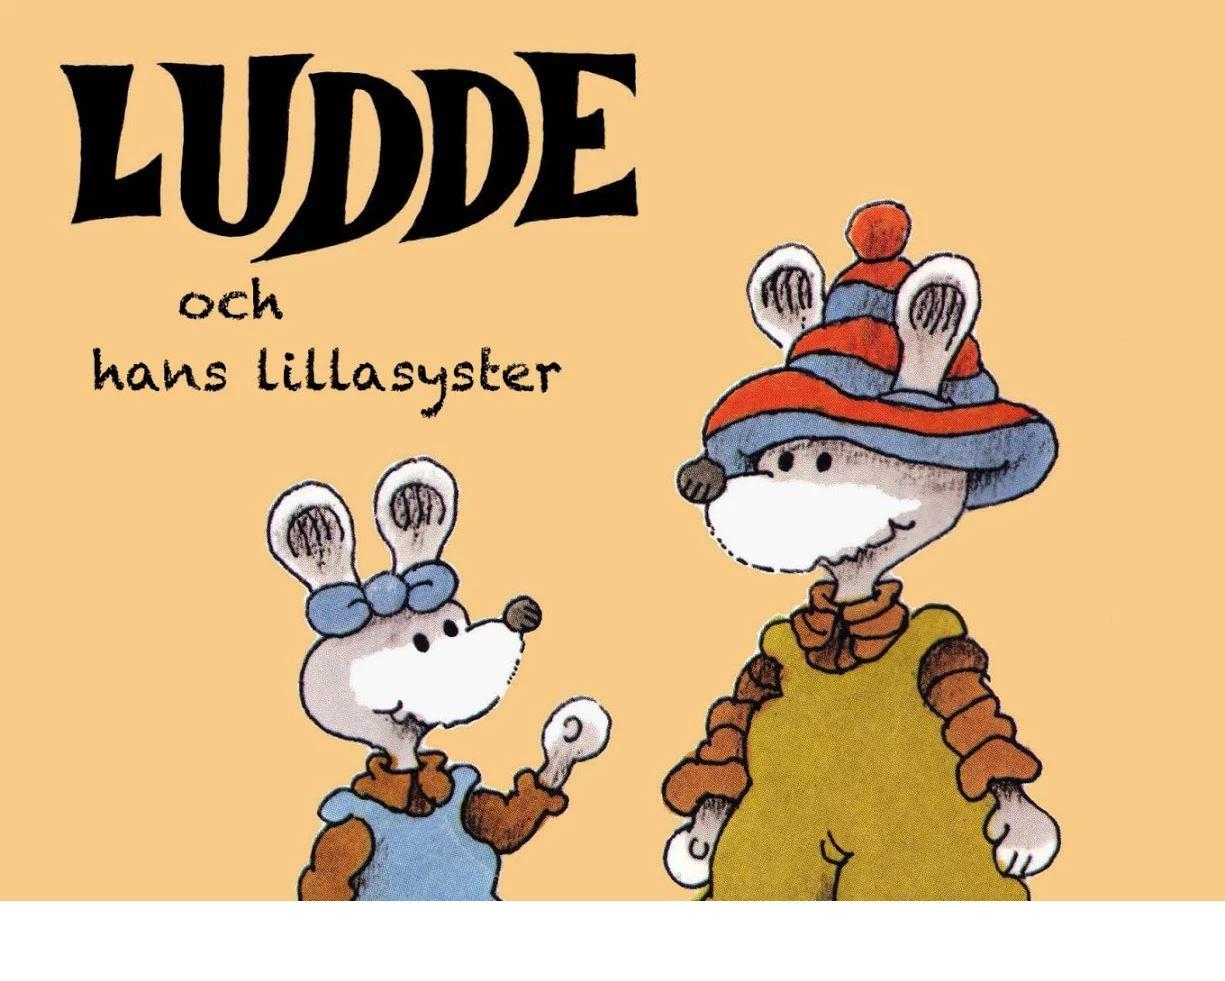 Ludde och hans lillasyster - Barnföreställning - Ung utan pung/FHP